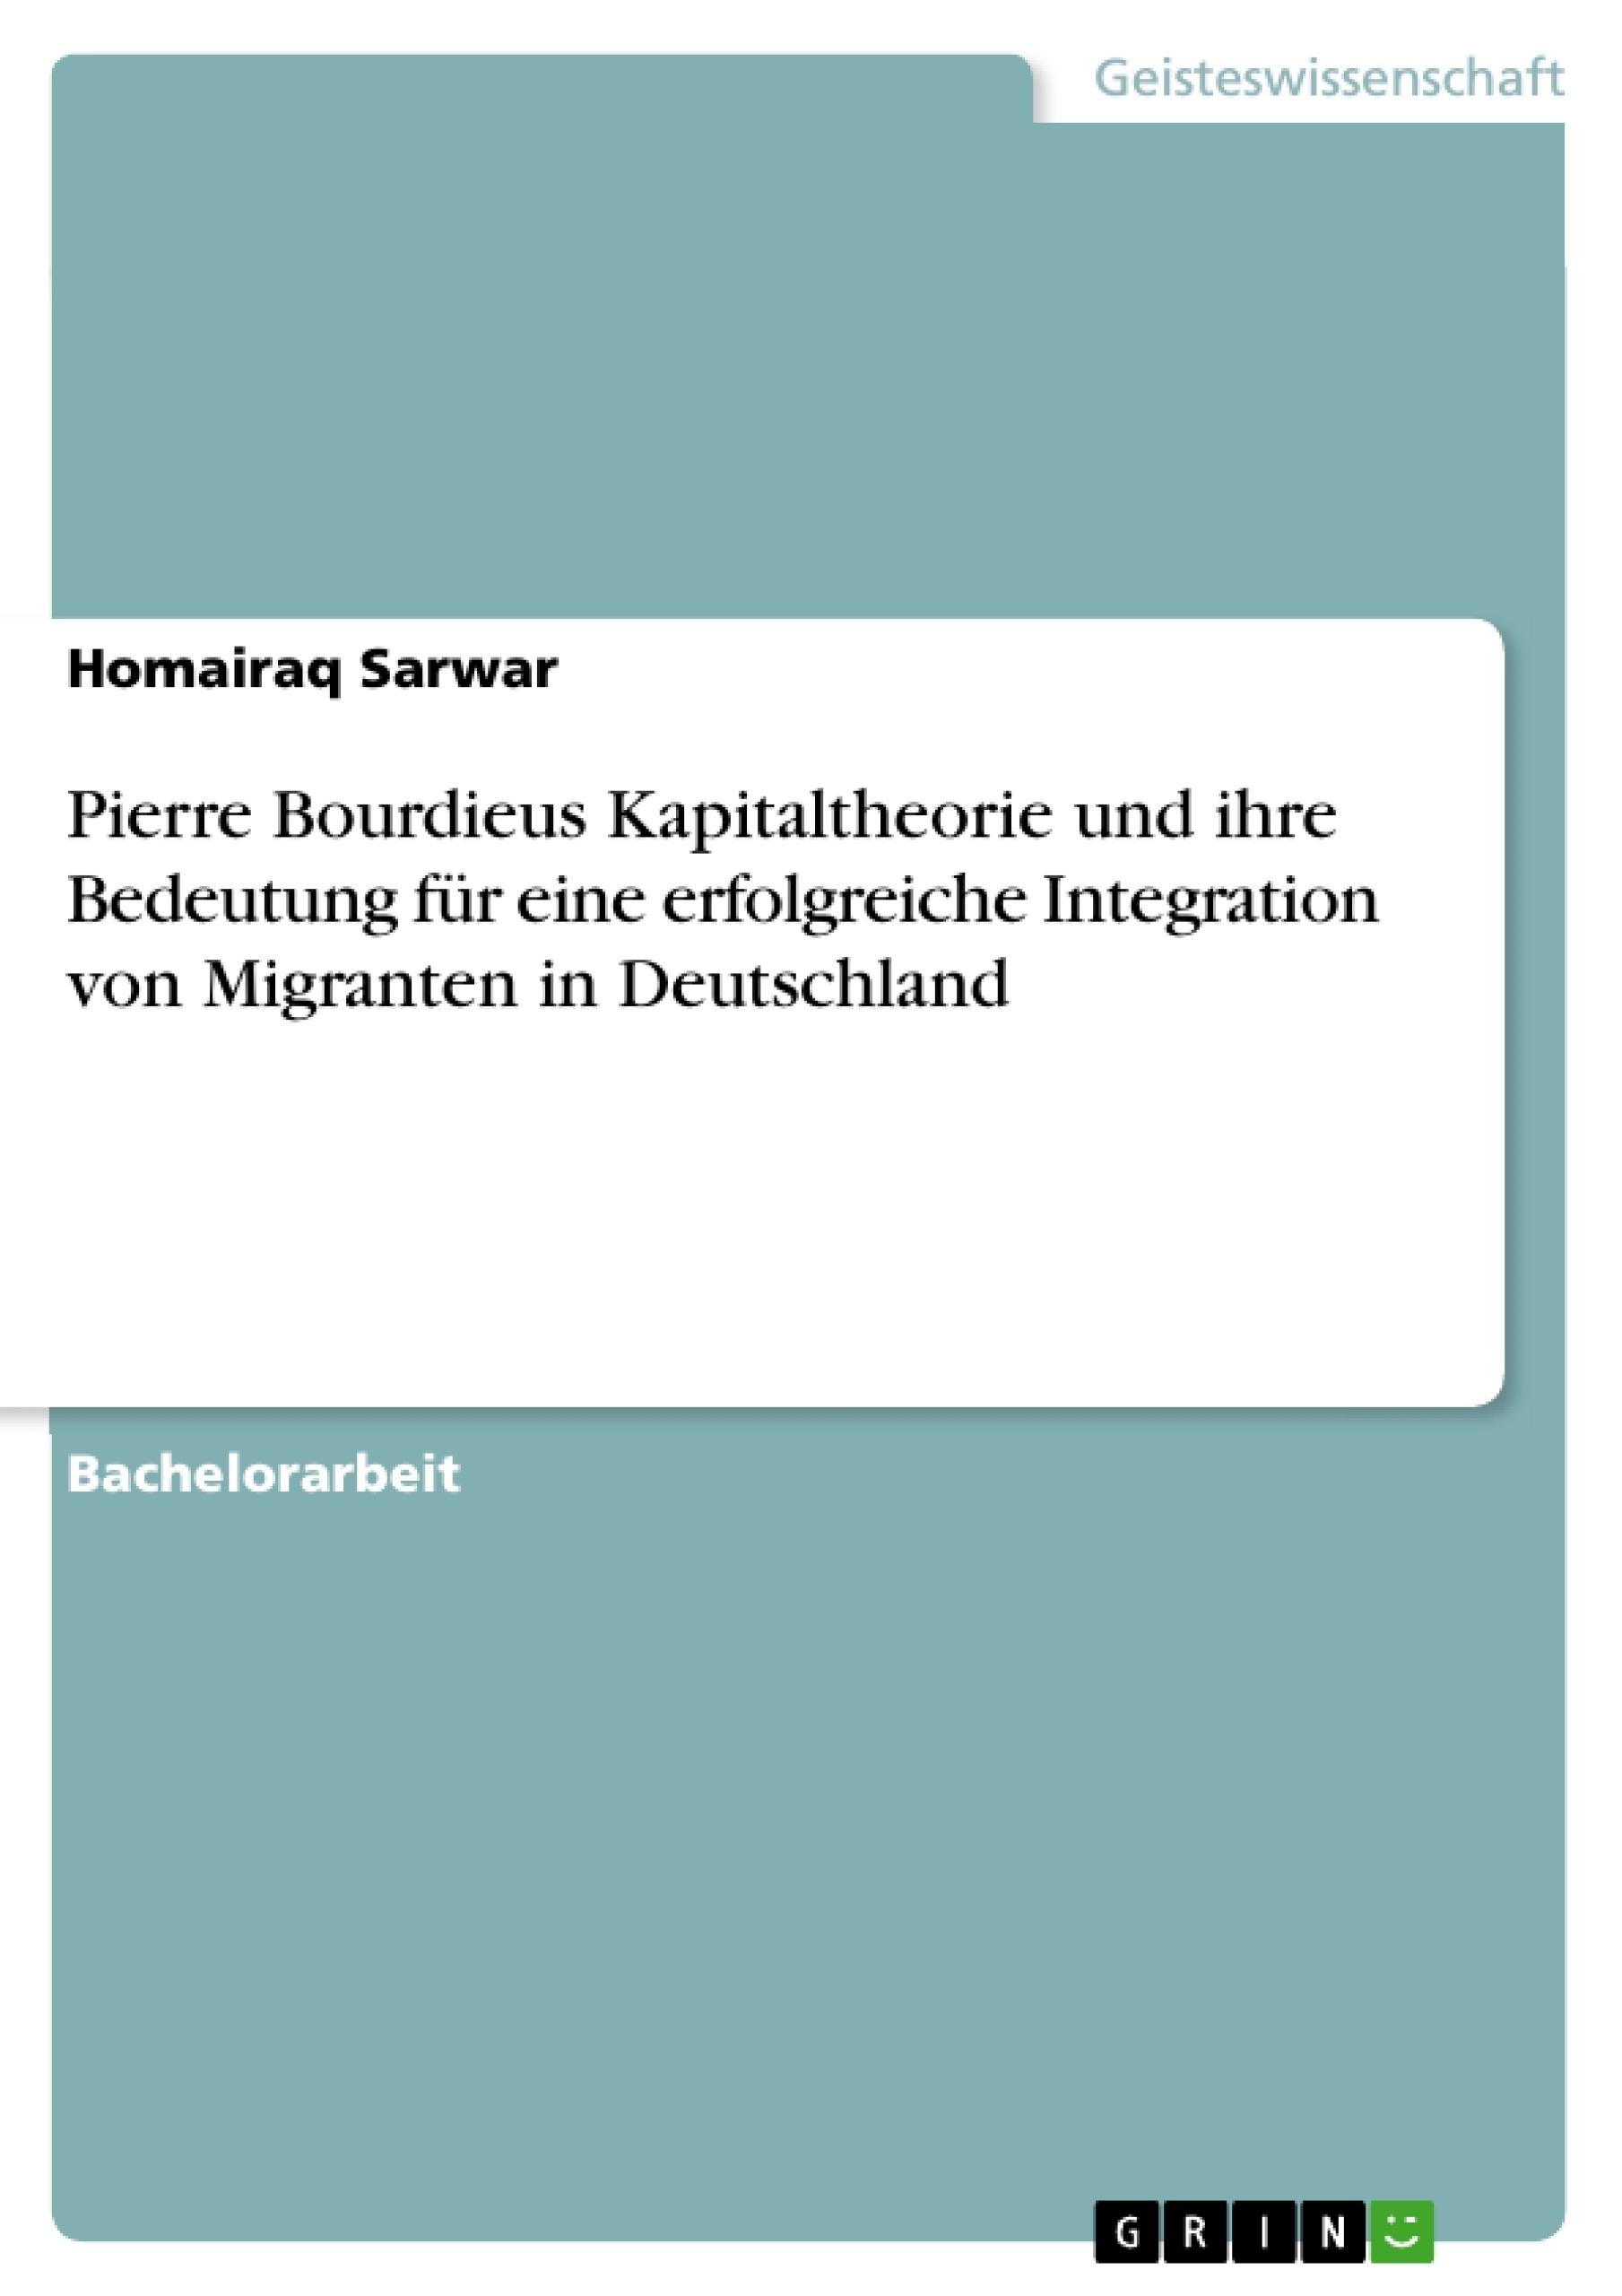 Titel: Pierre Bourdieus Kapitaltheorie und ihre Bedeutung für eine erfolgreiche Integration von Migranten in Deutschland